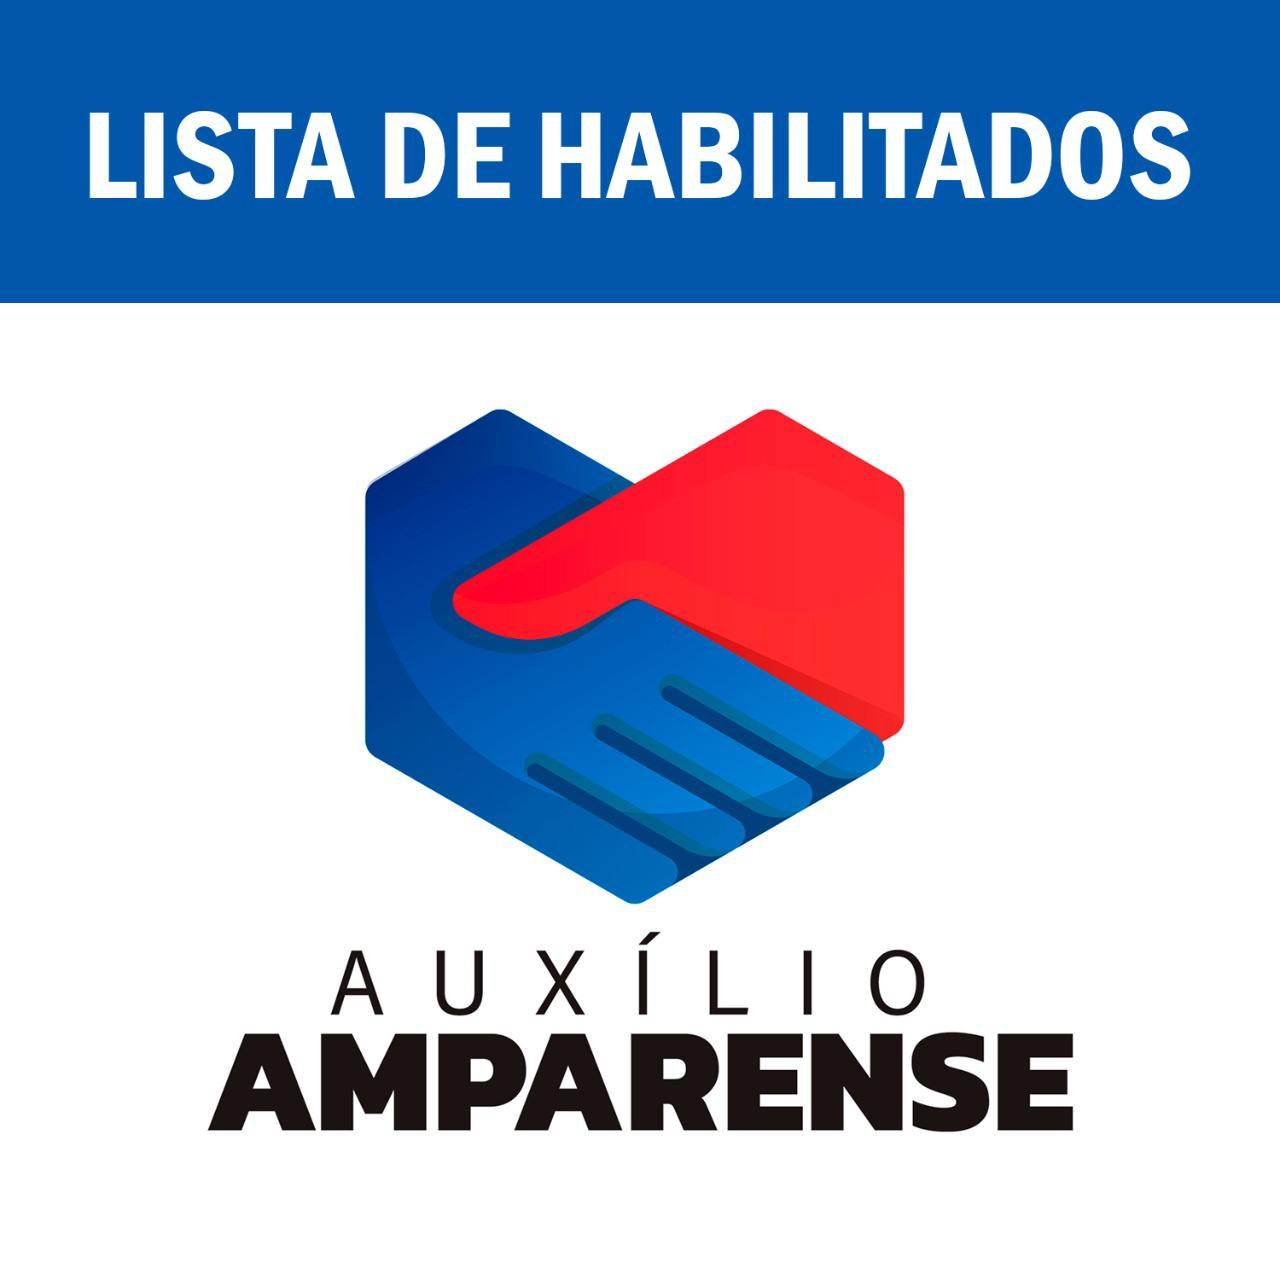 Amparo publica habilitados em receber o Auxílio Emergencial Municipal